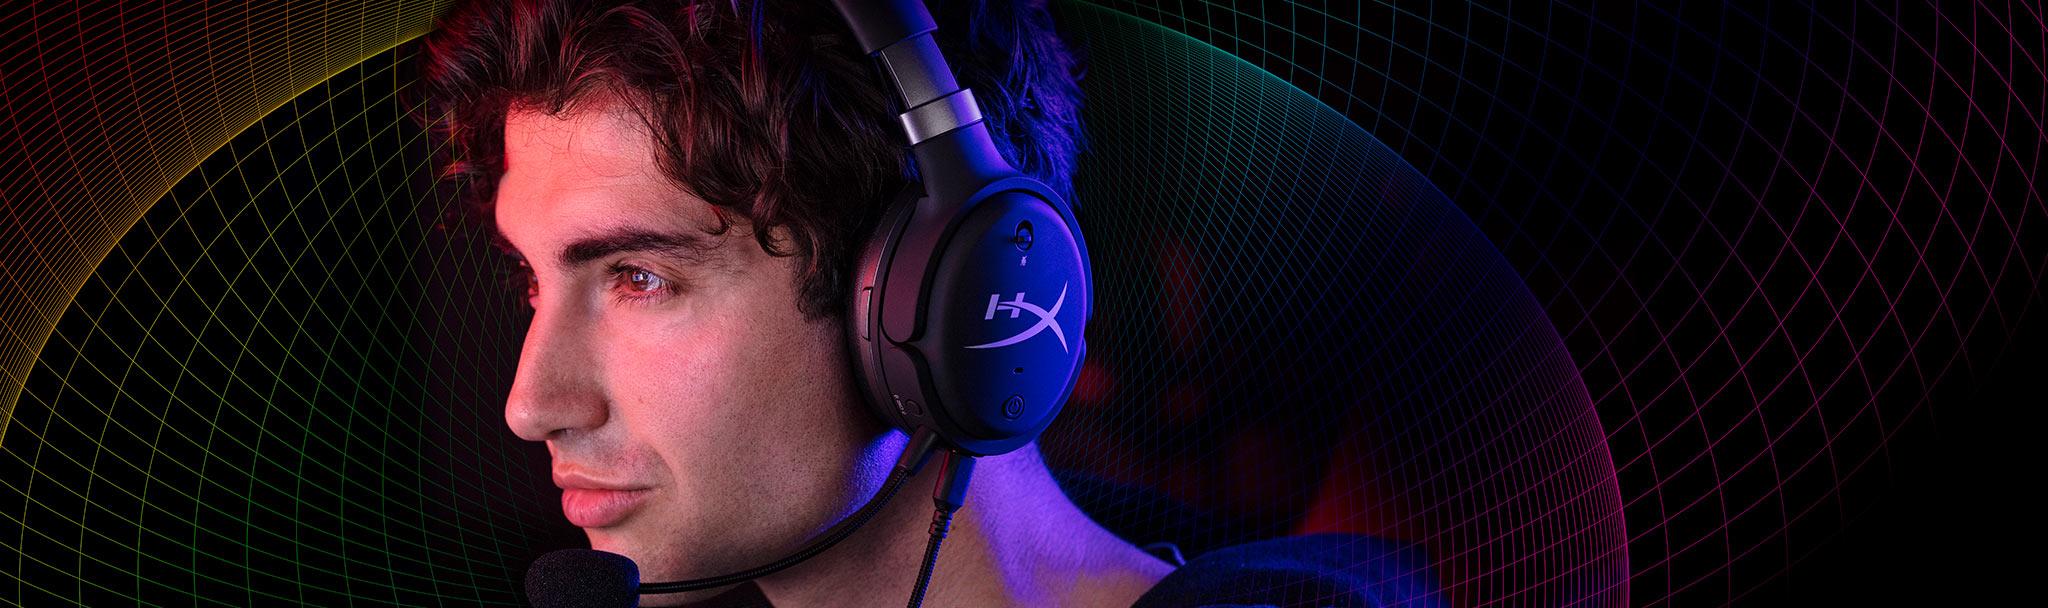 Tai nghe Kingston HyperX Cloud Orbit S Gaming Black (HX-HSCOS-GM/WW) có thiết kế màng loa cao cấp